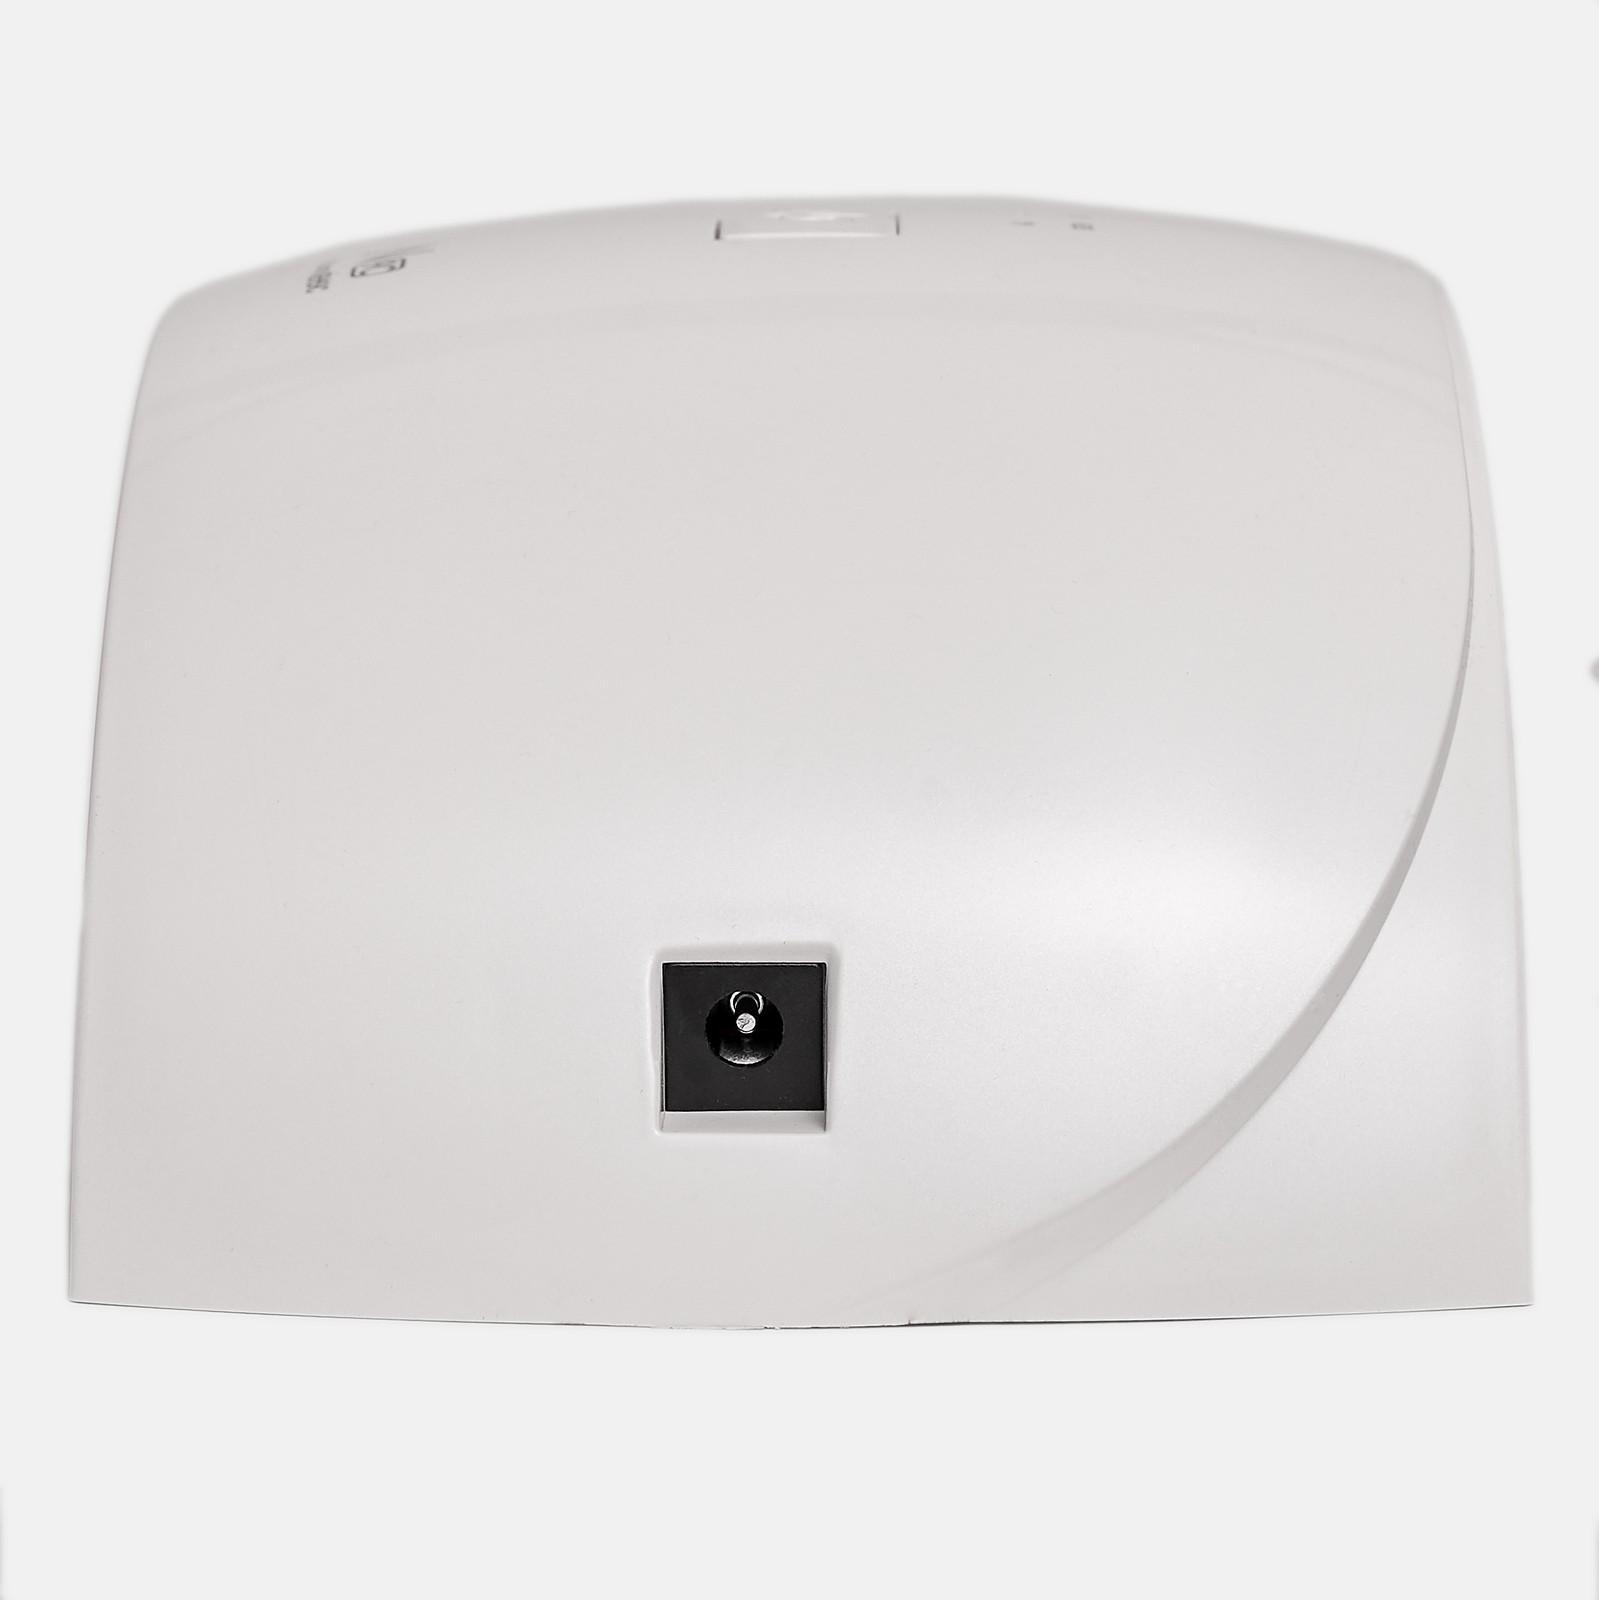 УФ LED-лампа SUN 9C 24Вт